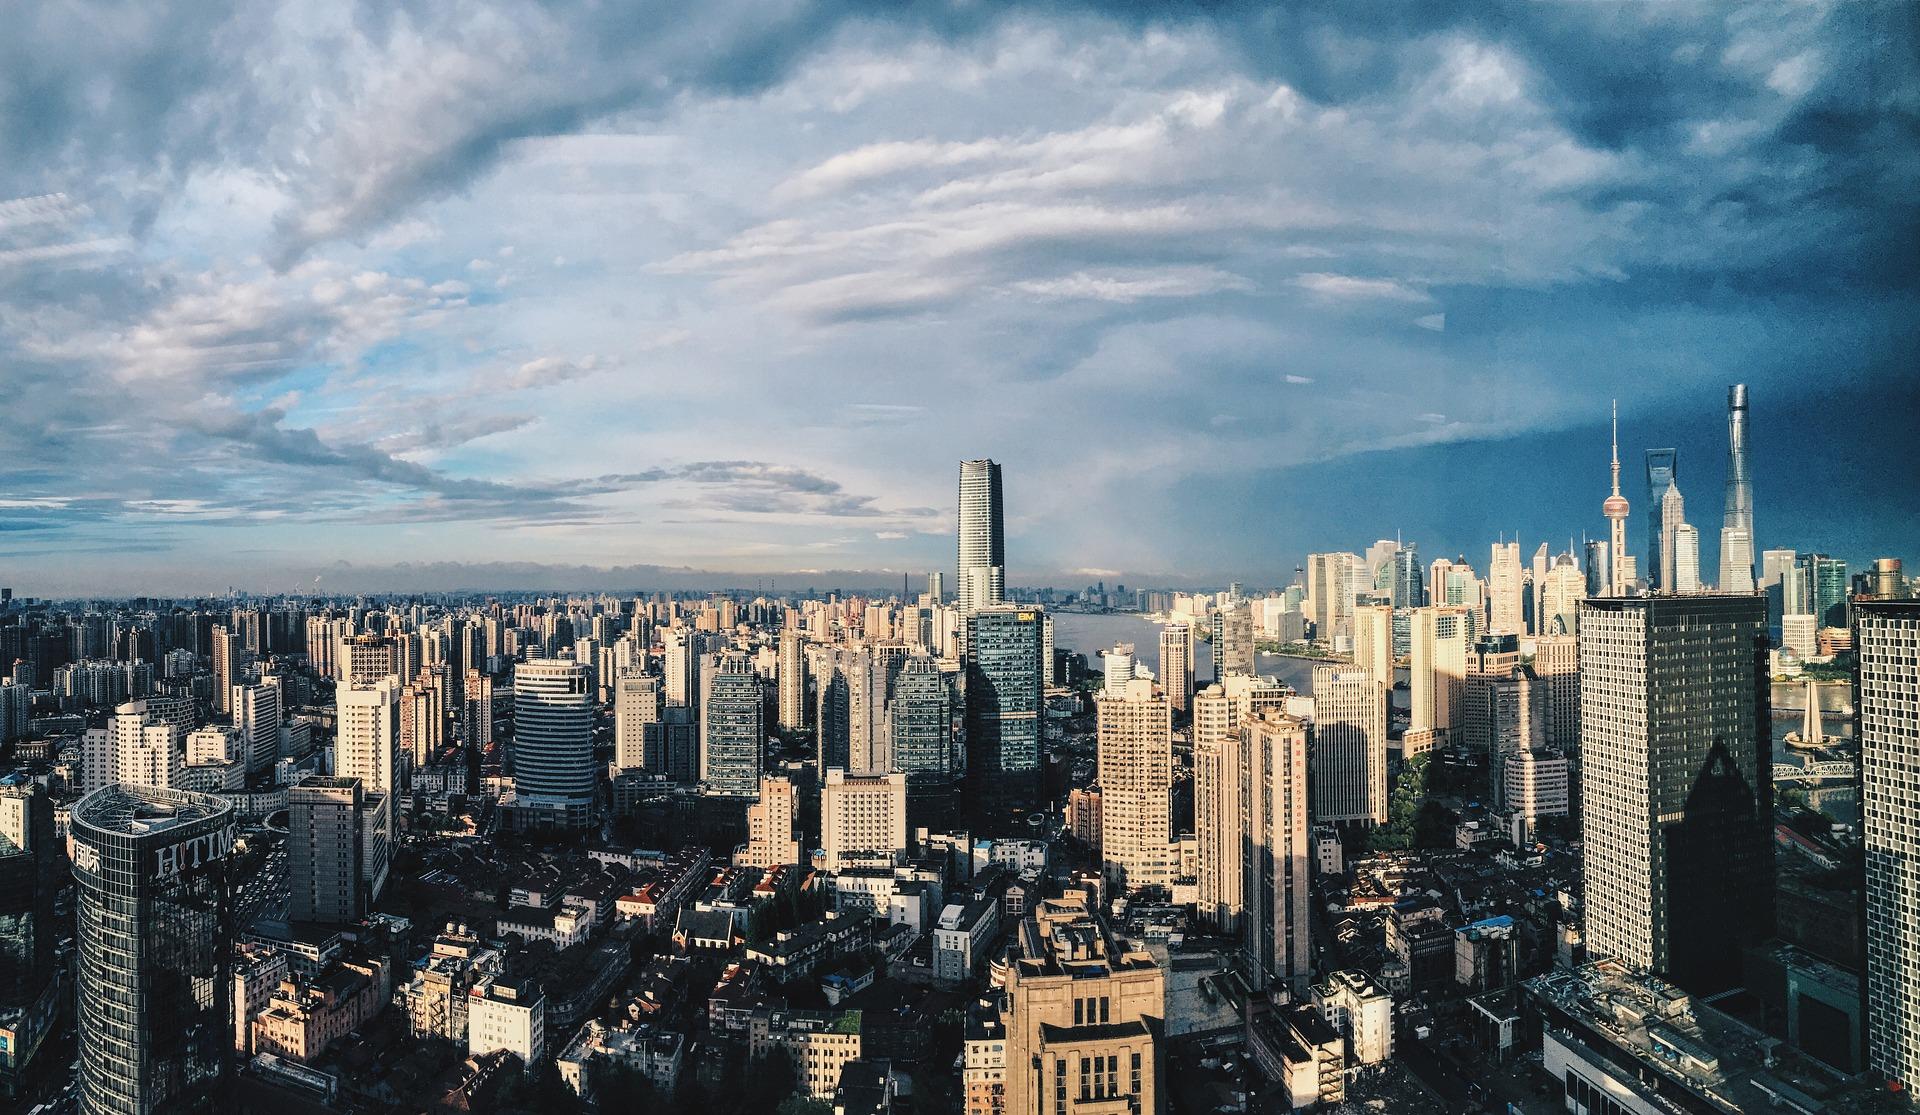 Shanghai by skyline